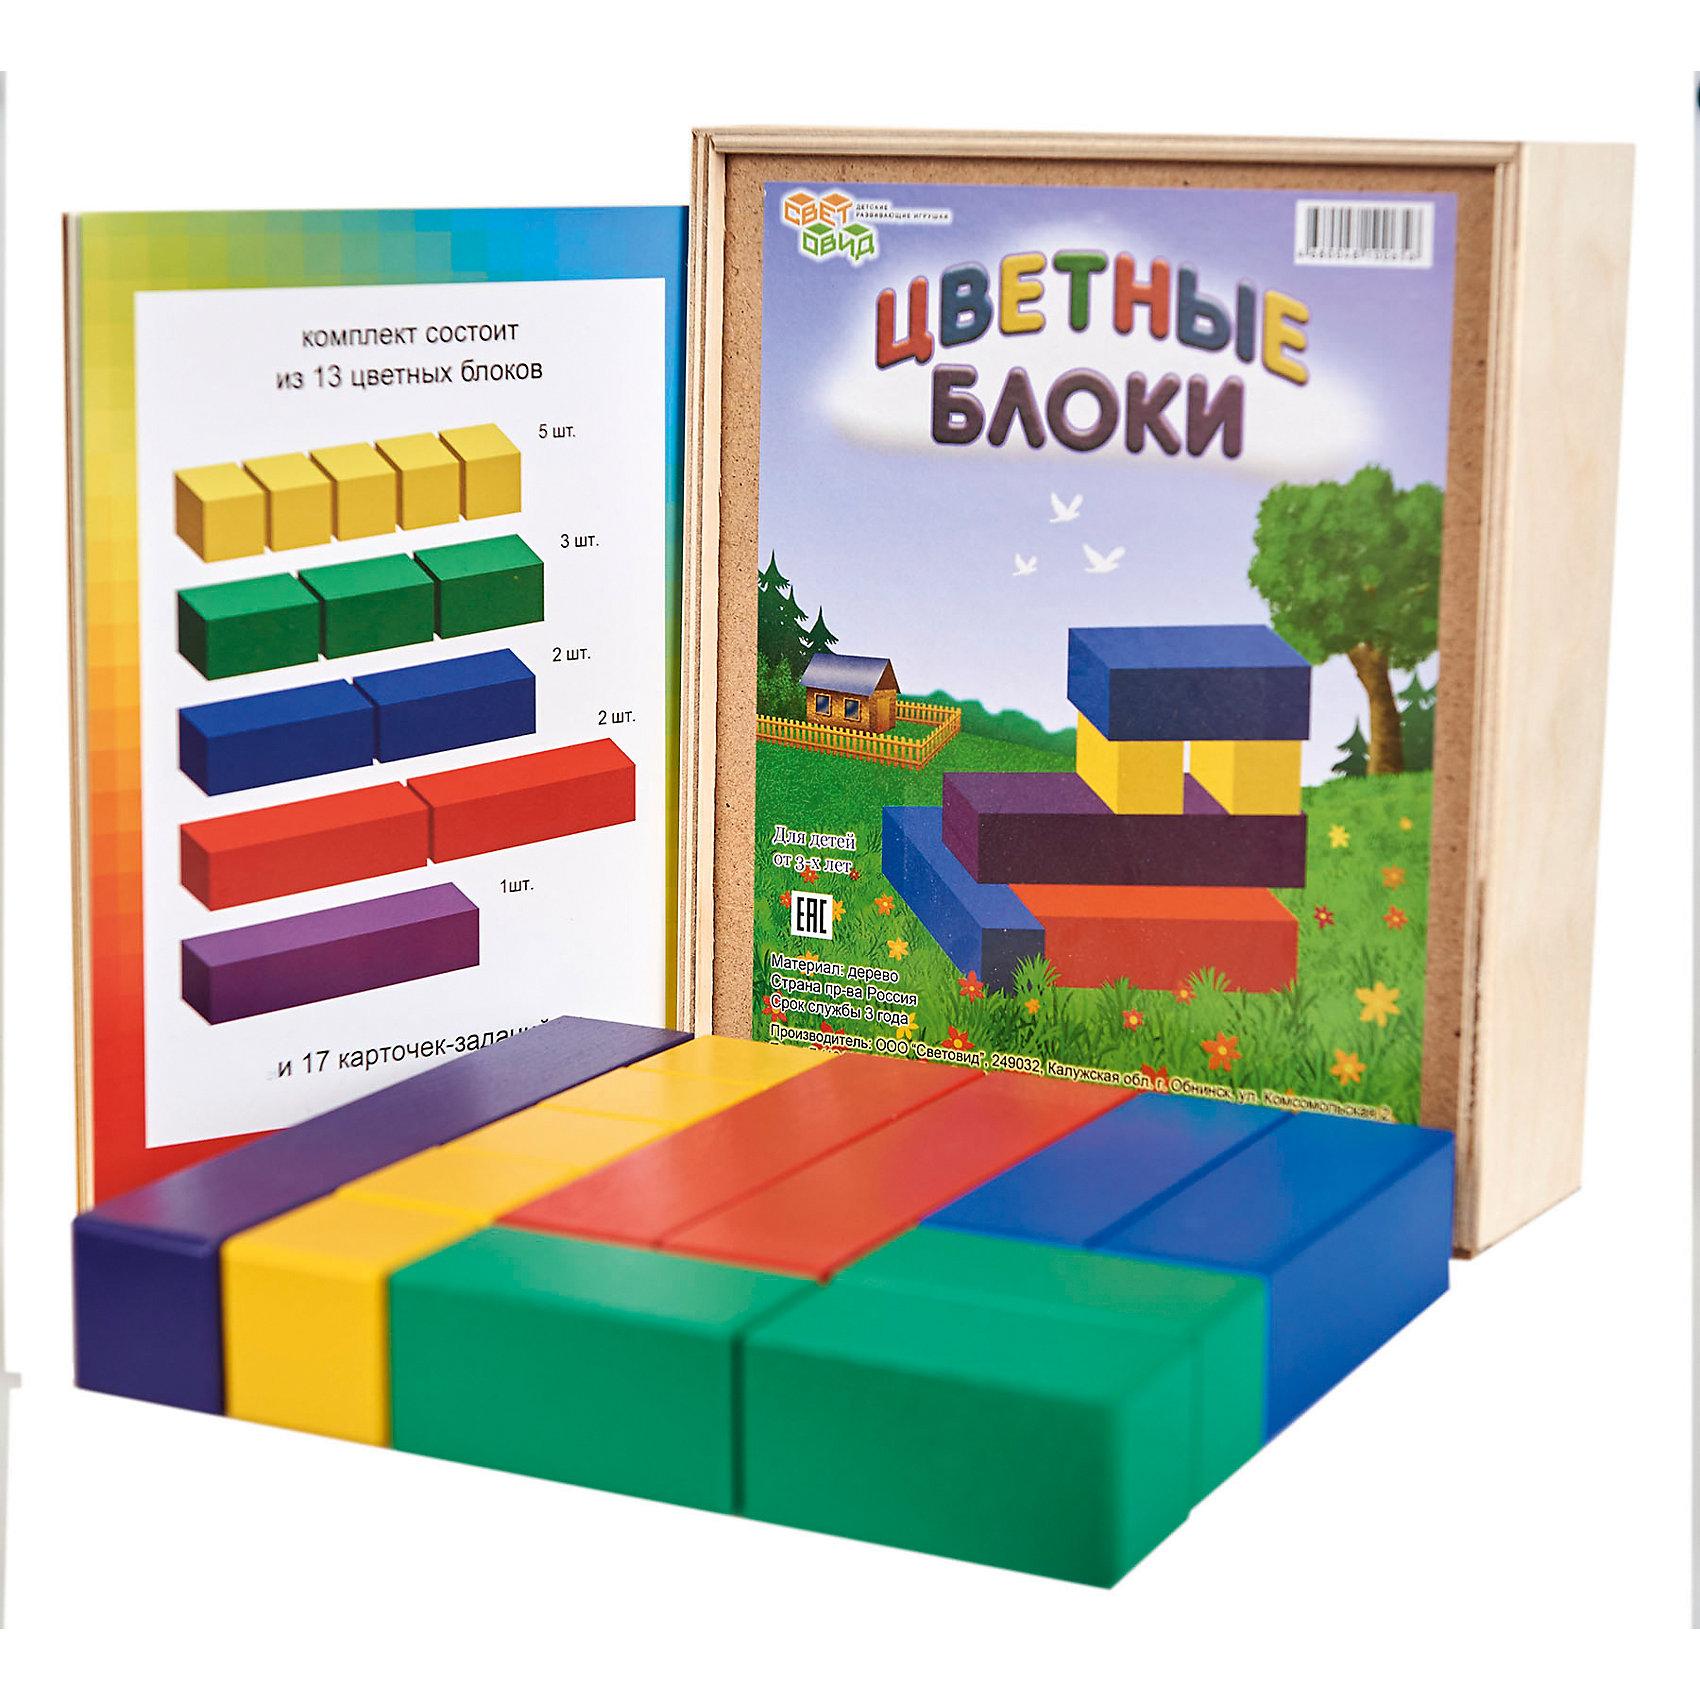 Цветные блоки, (коробка фанера), СветовидРазвивающие игры<br>Игра Цветные блоки представляет собой набор из 13 брусков разной длинны и цветов, сечением 35 мм. К игре прилагаются карточки-задания с изображениями разных конструкций (паровозик, робот и пр.), которые необходимо собрать. Играть можно с самого маленького возраста, так как задания довольно просты, но в то же время привлекательны и интересны. Кроме того каждое задание расположено на отдельной карточке, что удобно для маленьких детей. Игра упакована в прочную деревянную коробку.<br><br>Ширина мм: 230<br>Глубина мм: 192<br>Высота мм: 65<br>Вес г: 1000<br>Возраст от месяцев: 36<br>Возраст до месяцев: 2147483647<br>Пол: Унисекс<br>Возраст: Детский<br>SKU: 6894285